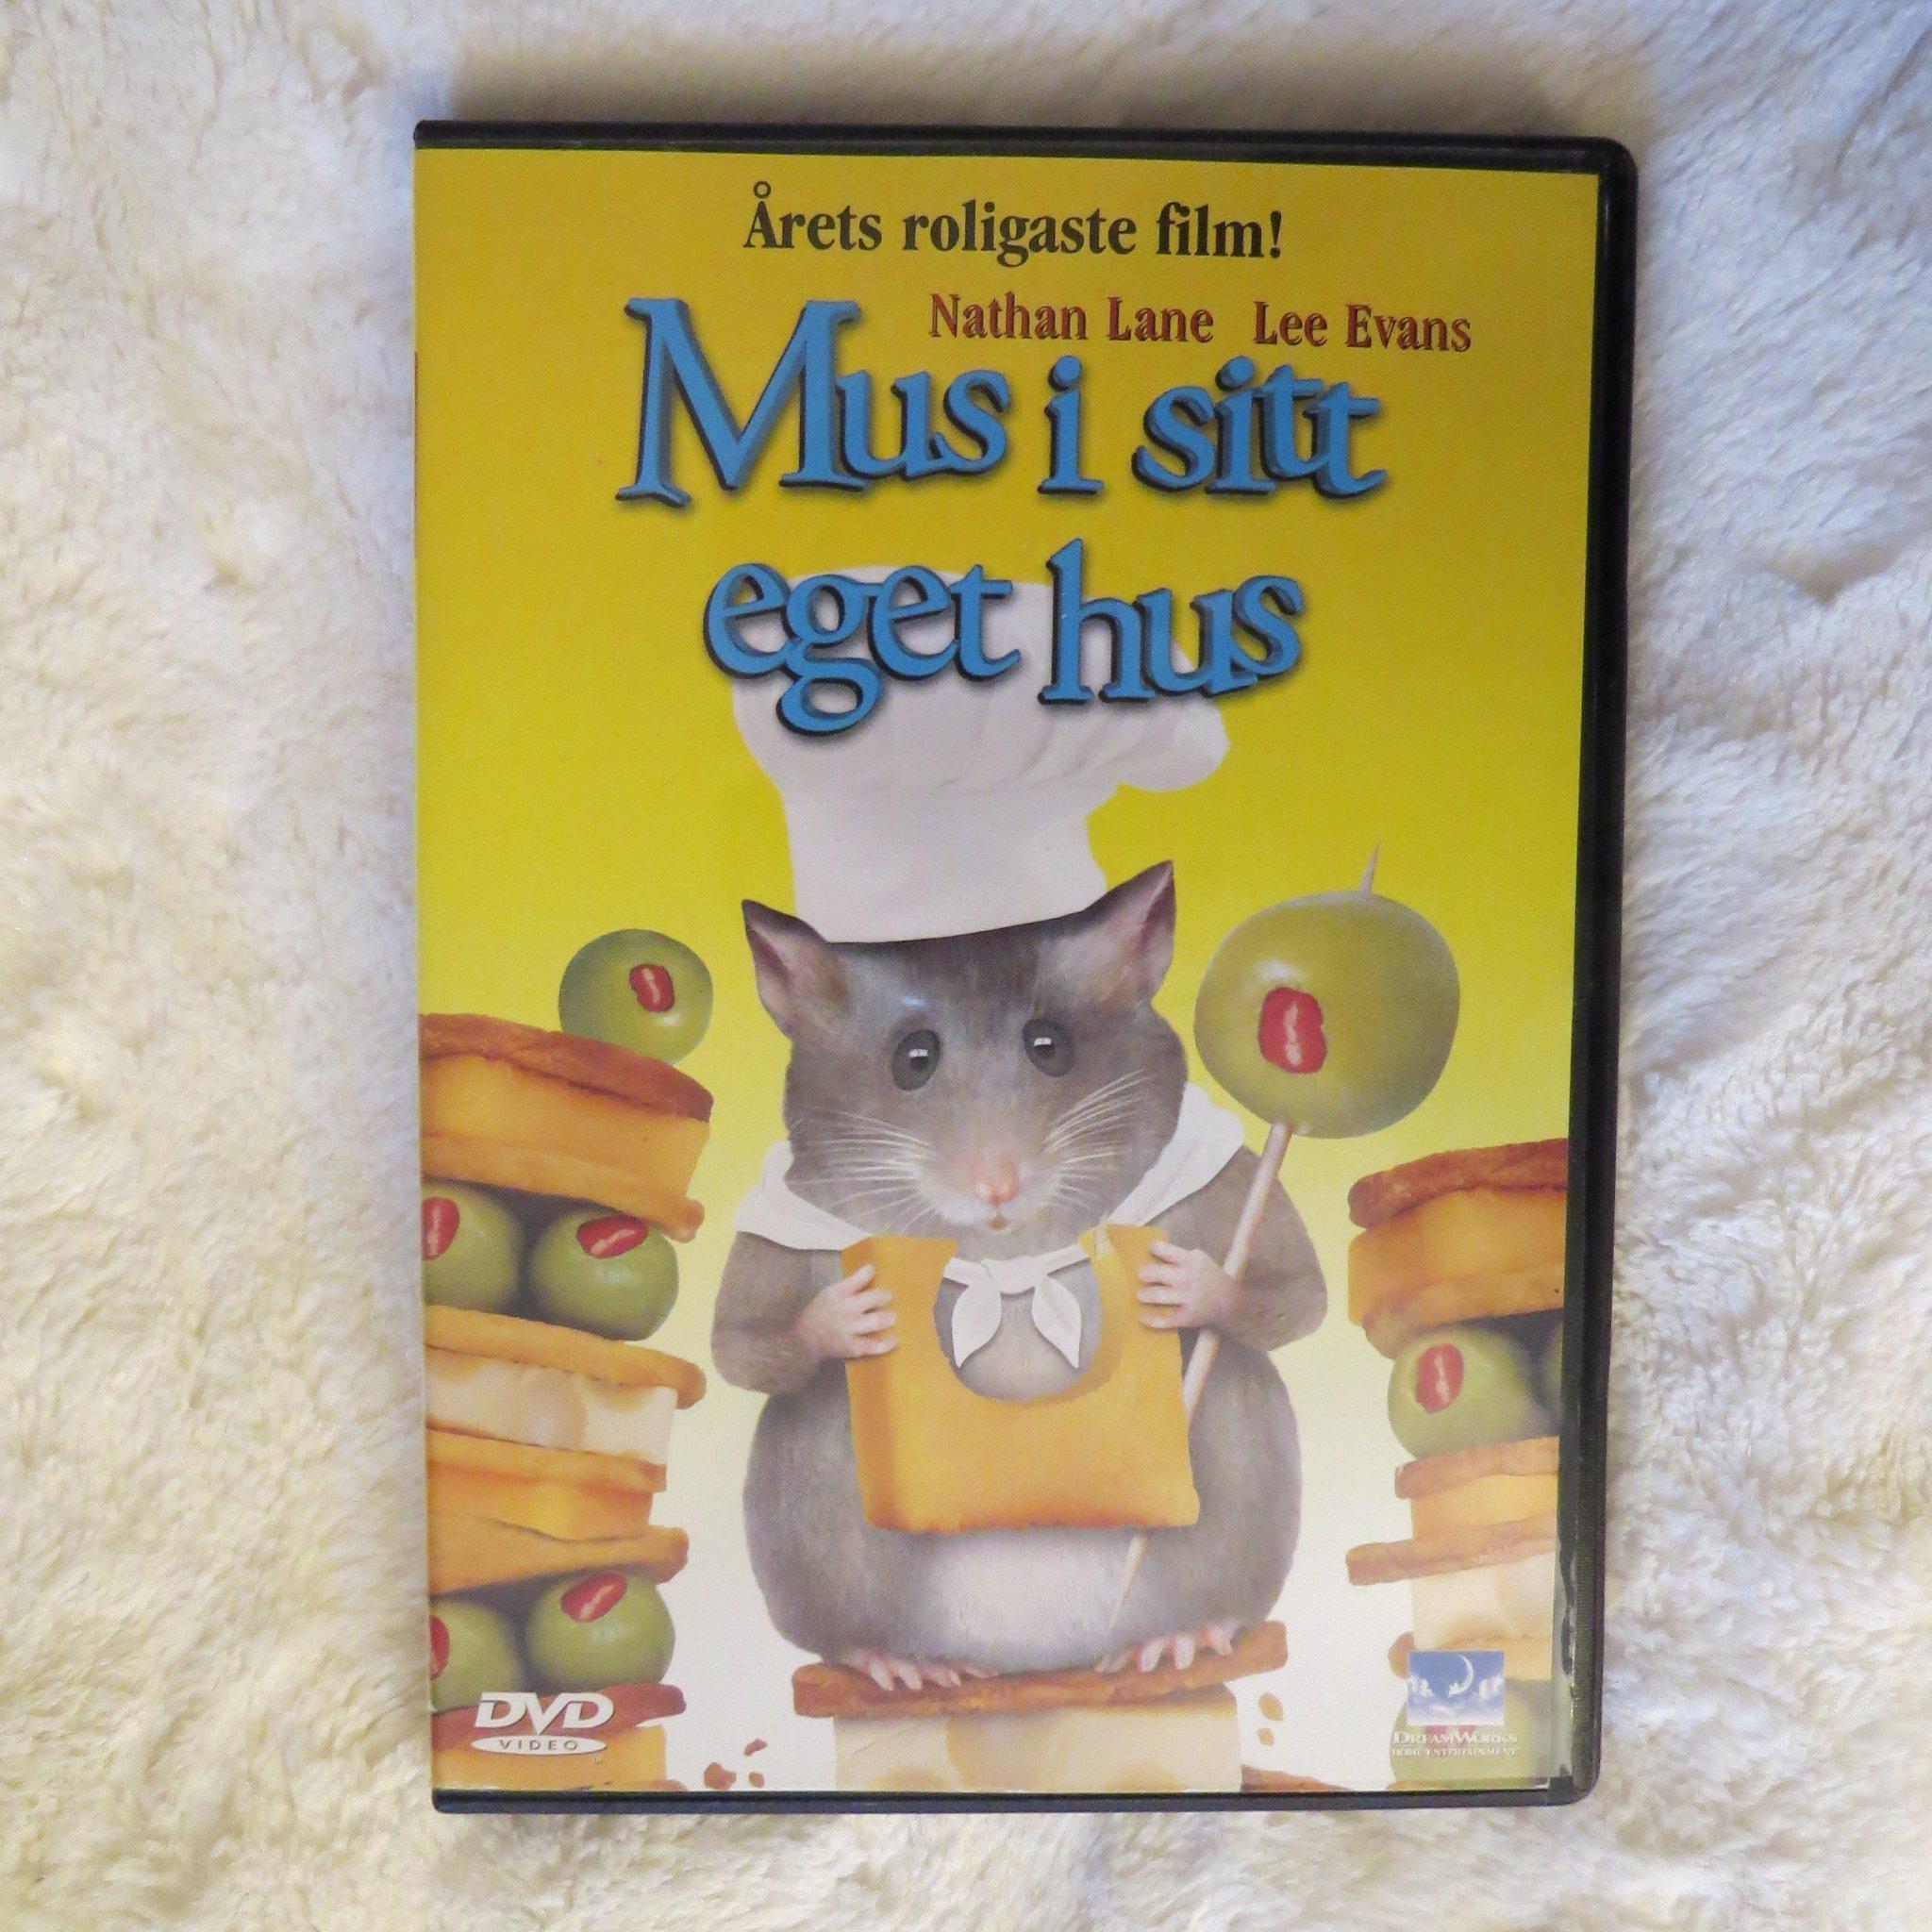 mus i eget hus dvd